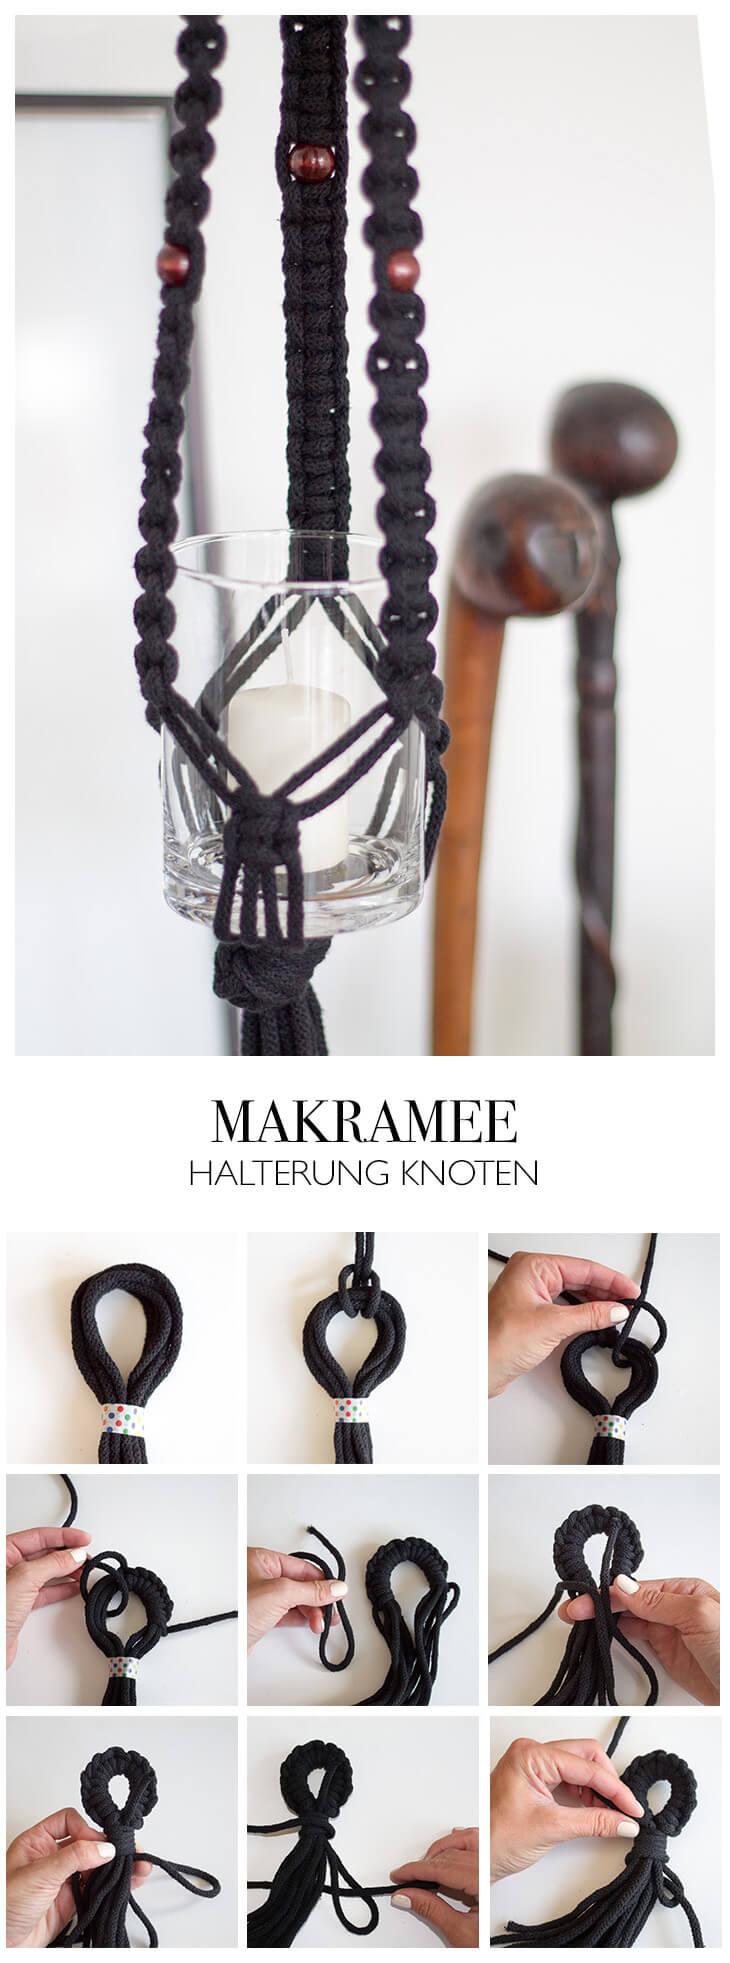 Makramee Halterung knoten Buchtknotenschlaufe DIY Blog lindaloves.de